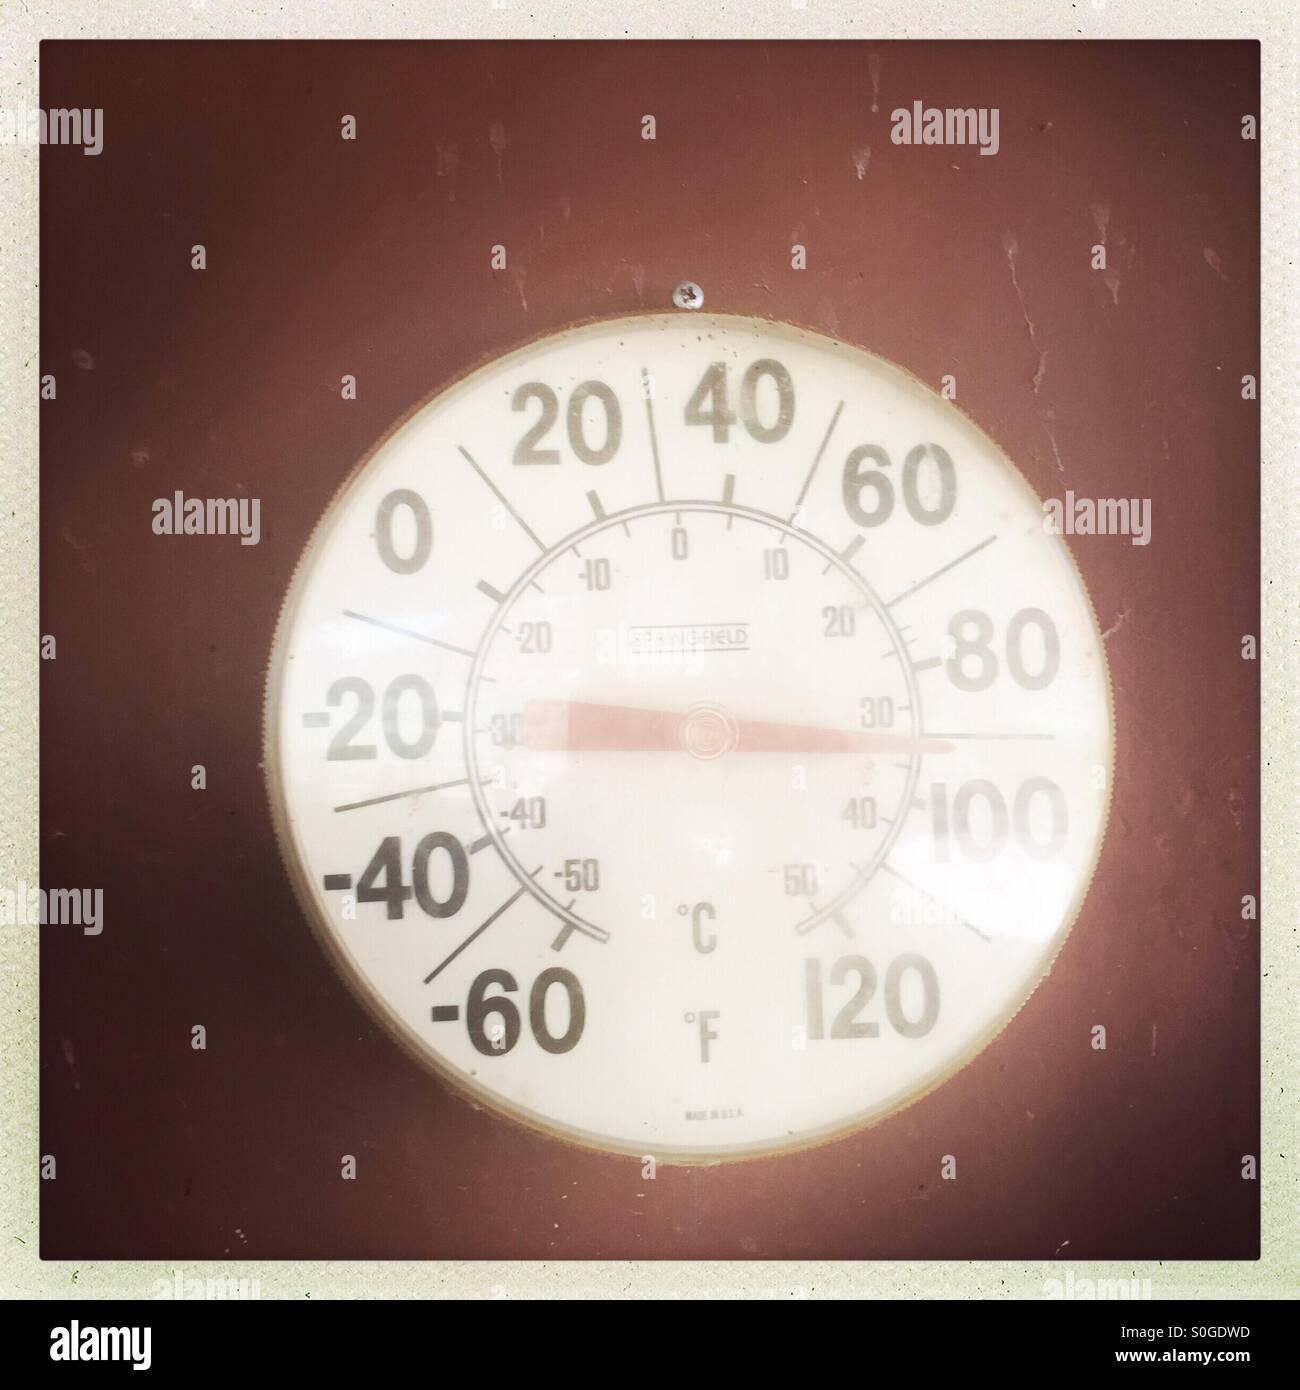 Une température de mesure. Photo Stock